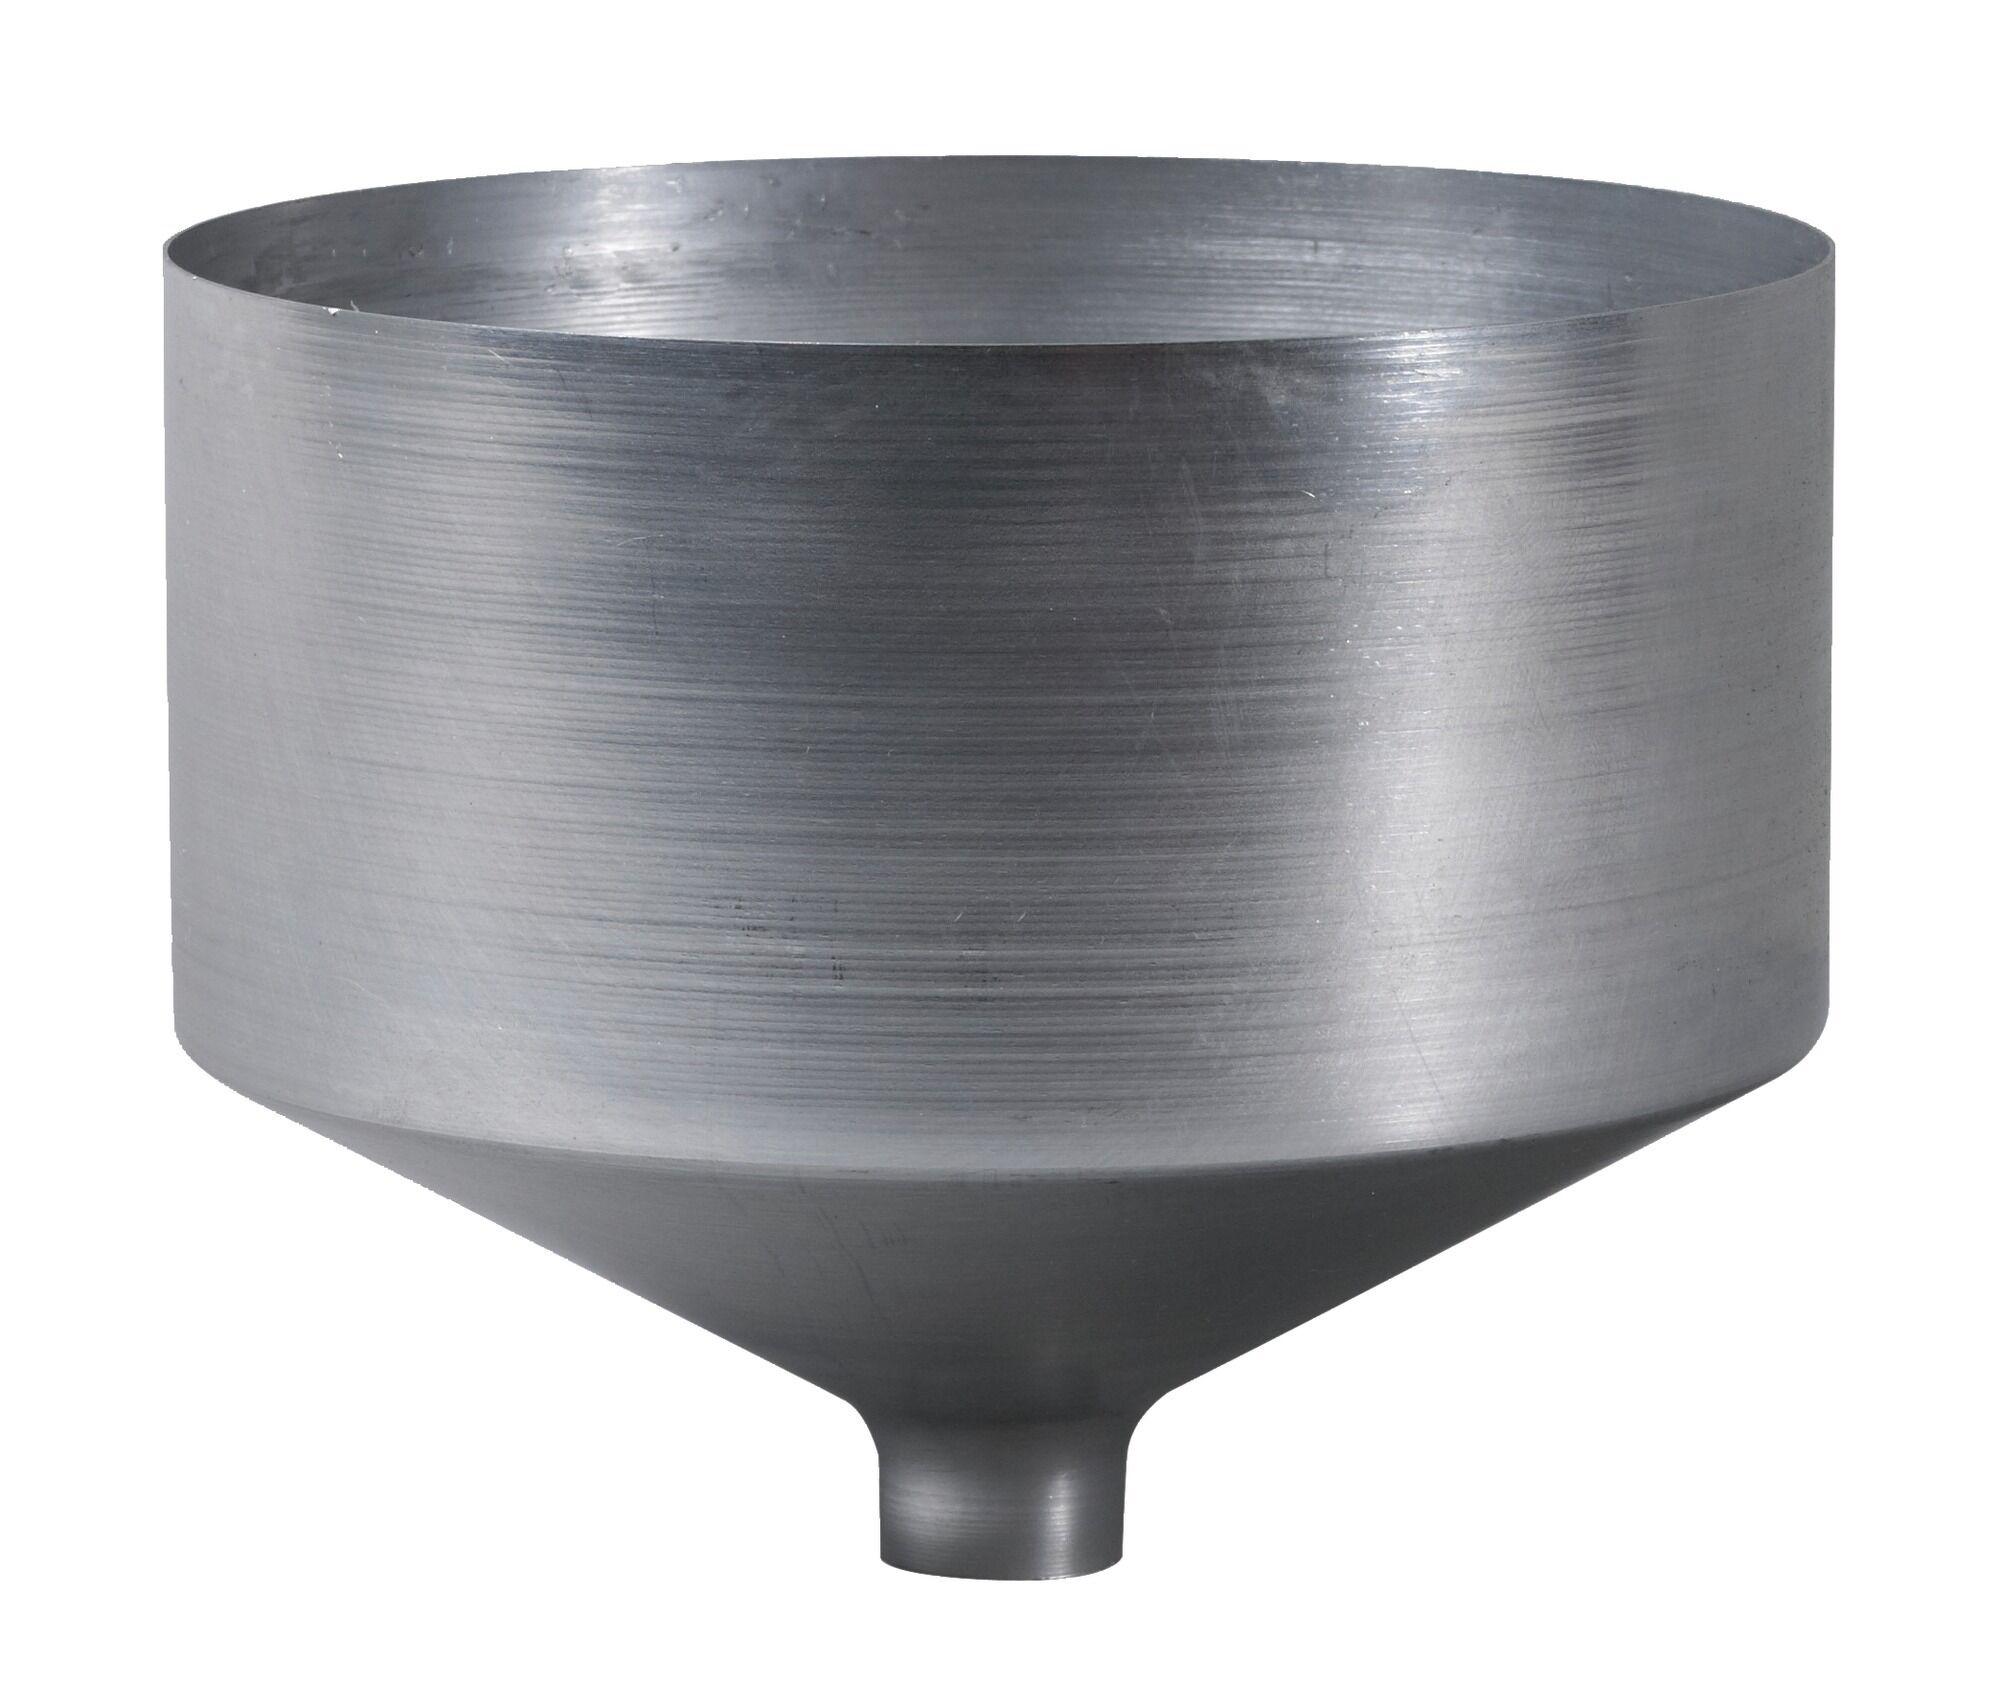 TEN Purge aluminium Ø180 - TOLERIE GENERALE - 900180